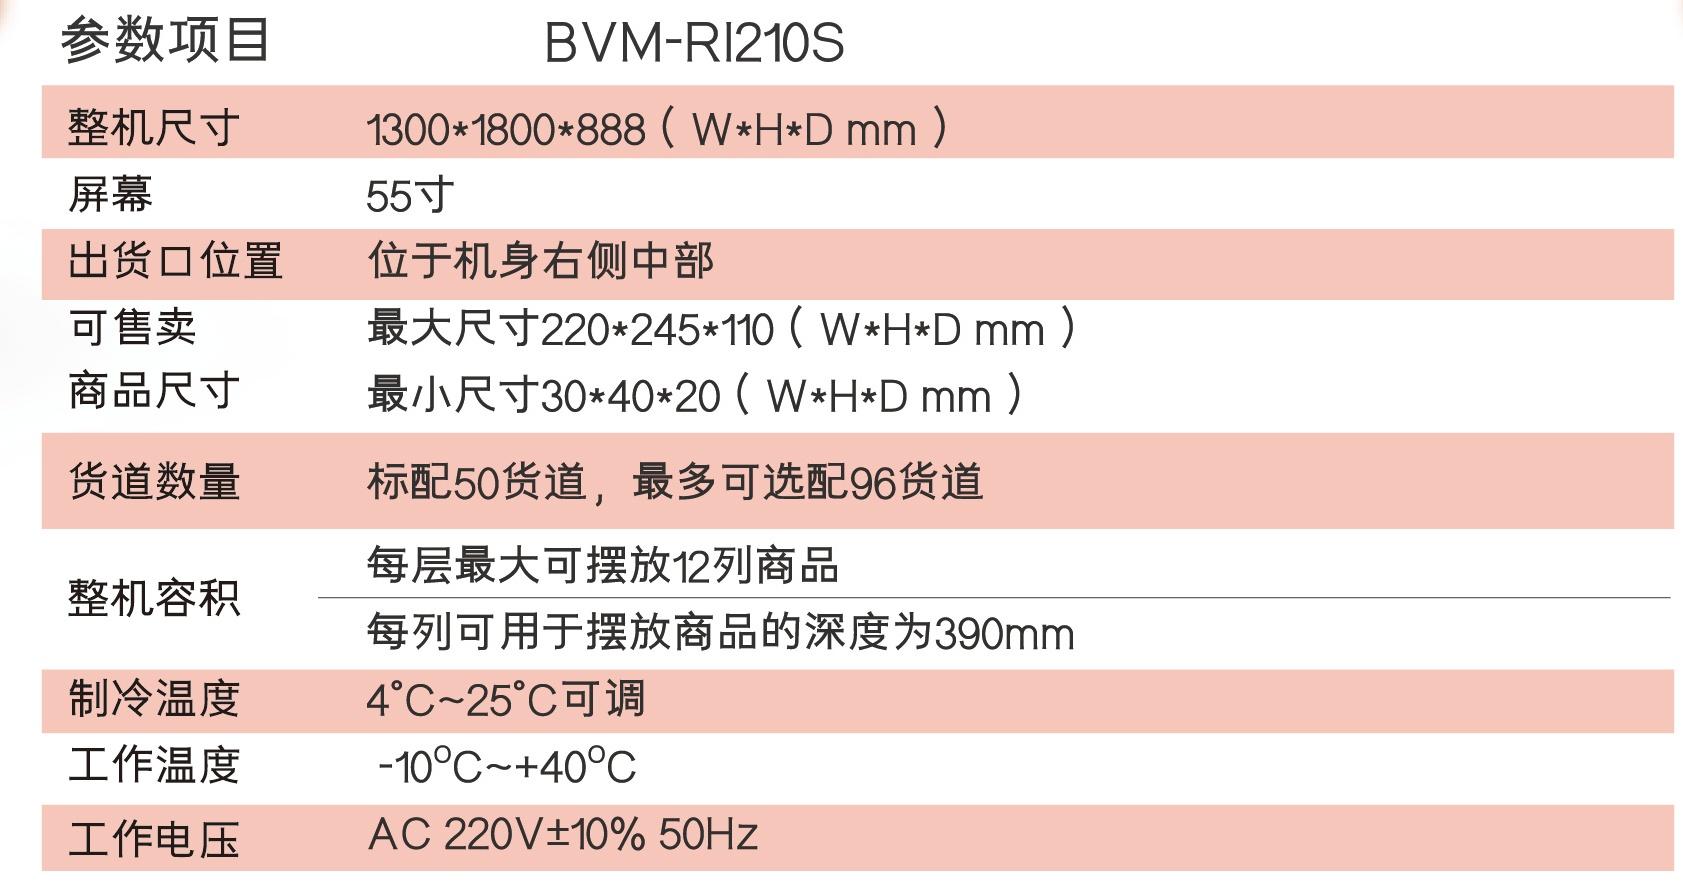 大屏机单页20190413-02_看图王 (2).jpg